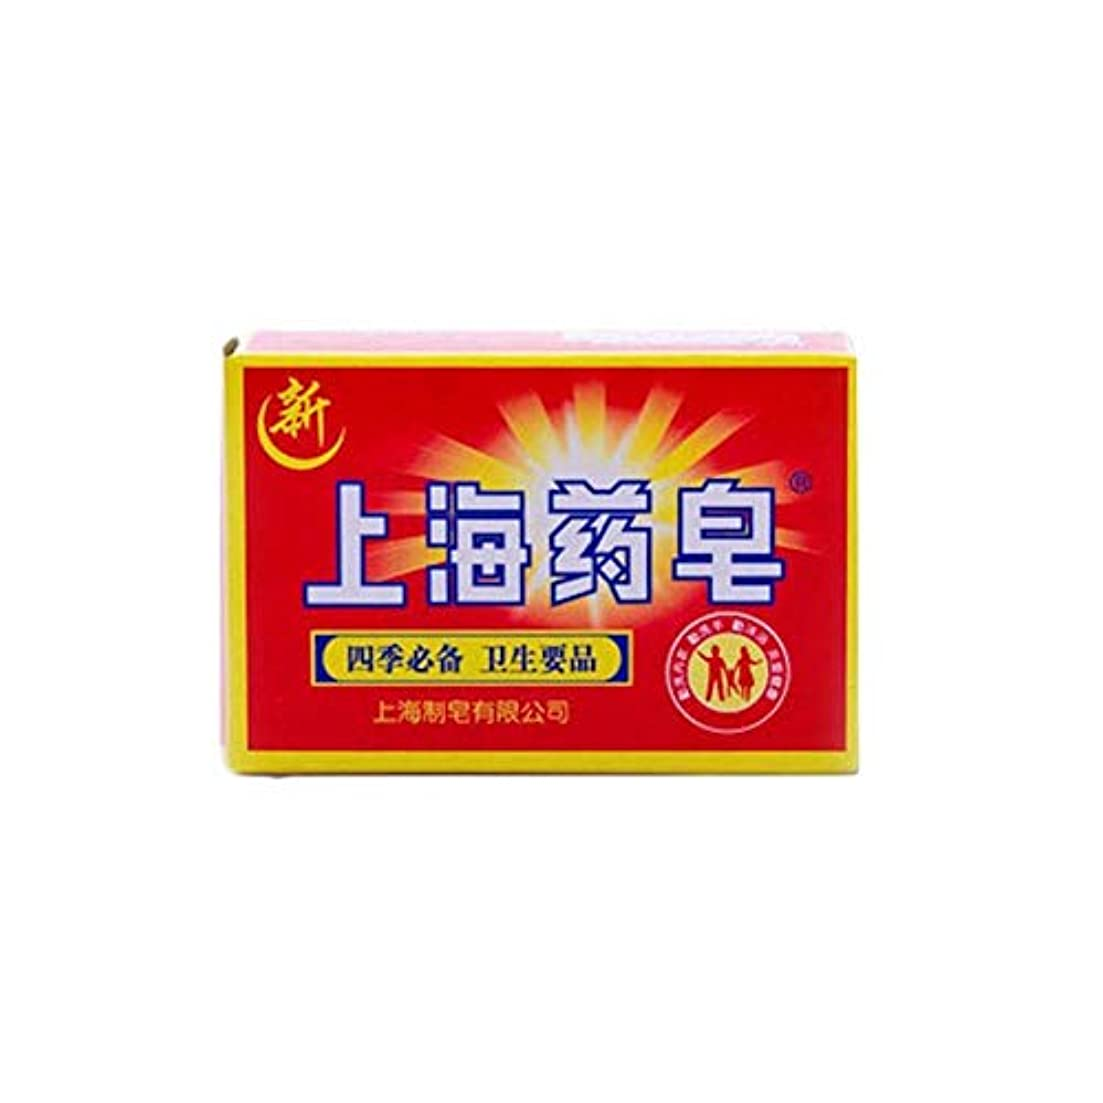 絶滅した十腐ったBETTER YOU (ベター ュー) 手作り石鹸、上海石鹸 ,美白、ディープクレンジング、剥離、オイルコントロール、発泡ネット付き